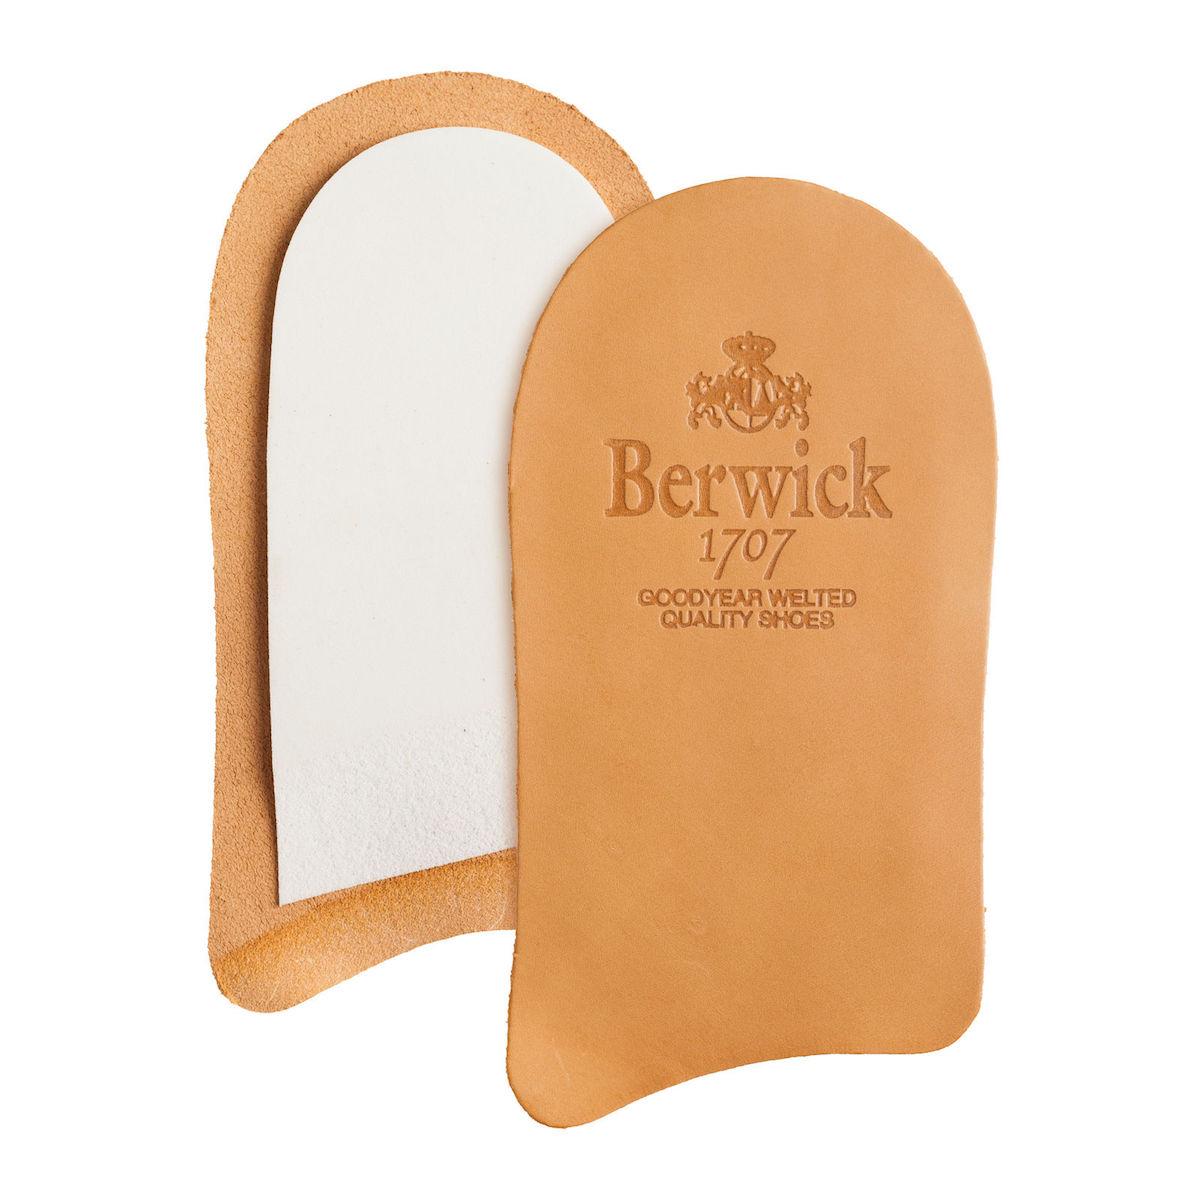 Cтельки Berwick